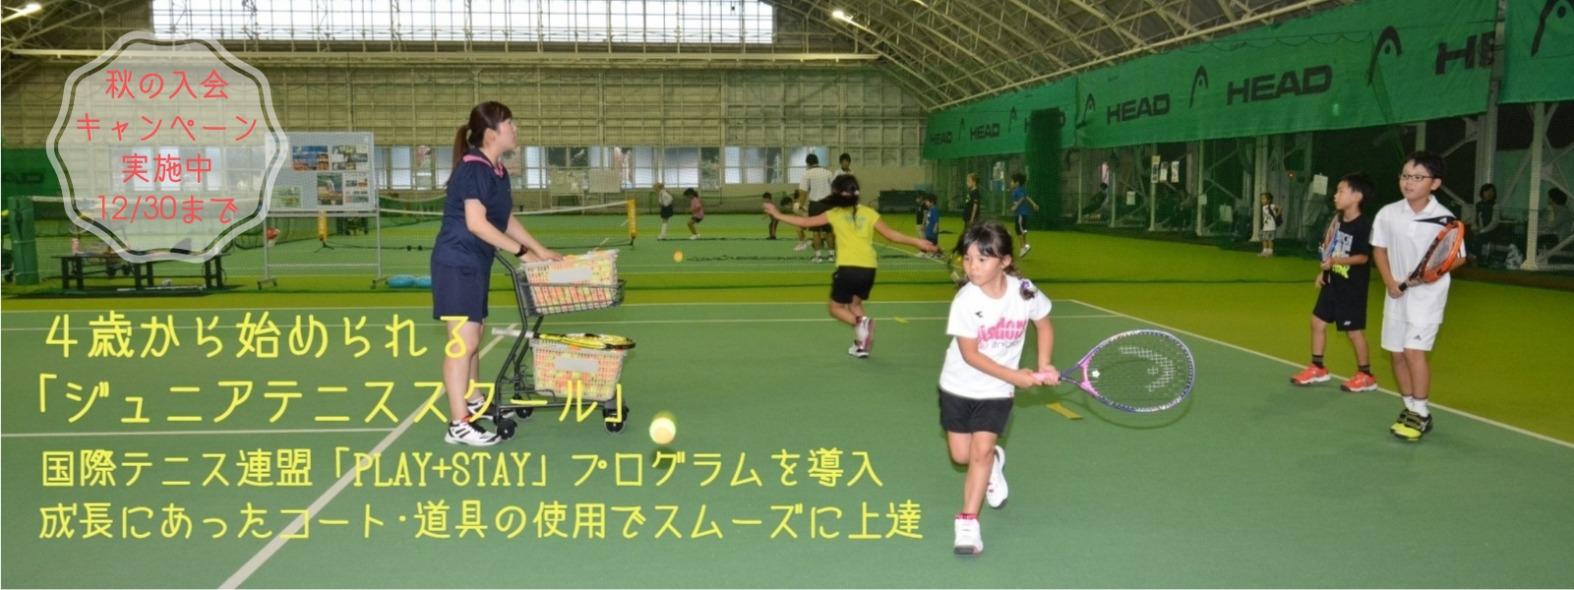 昭和の森ジュニアテニススクール(東京都昭島市)